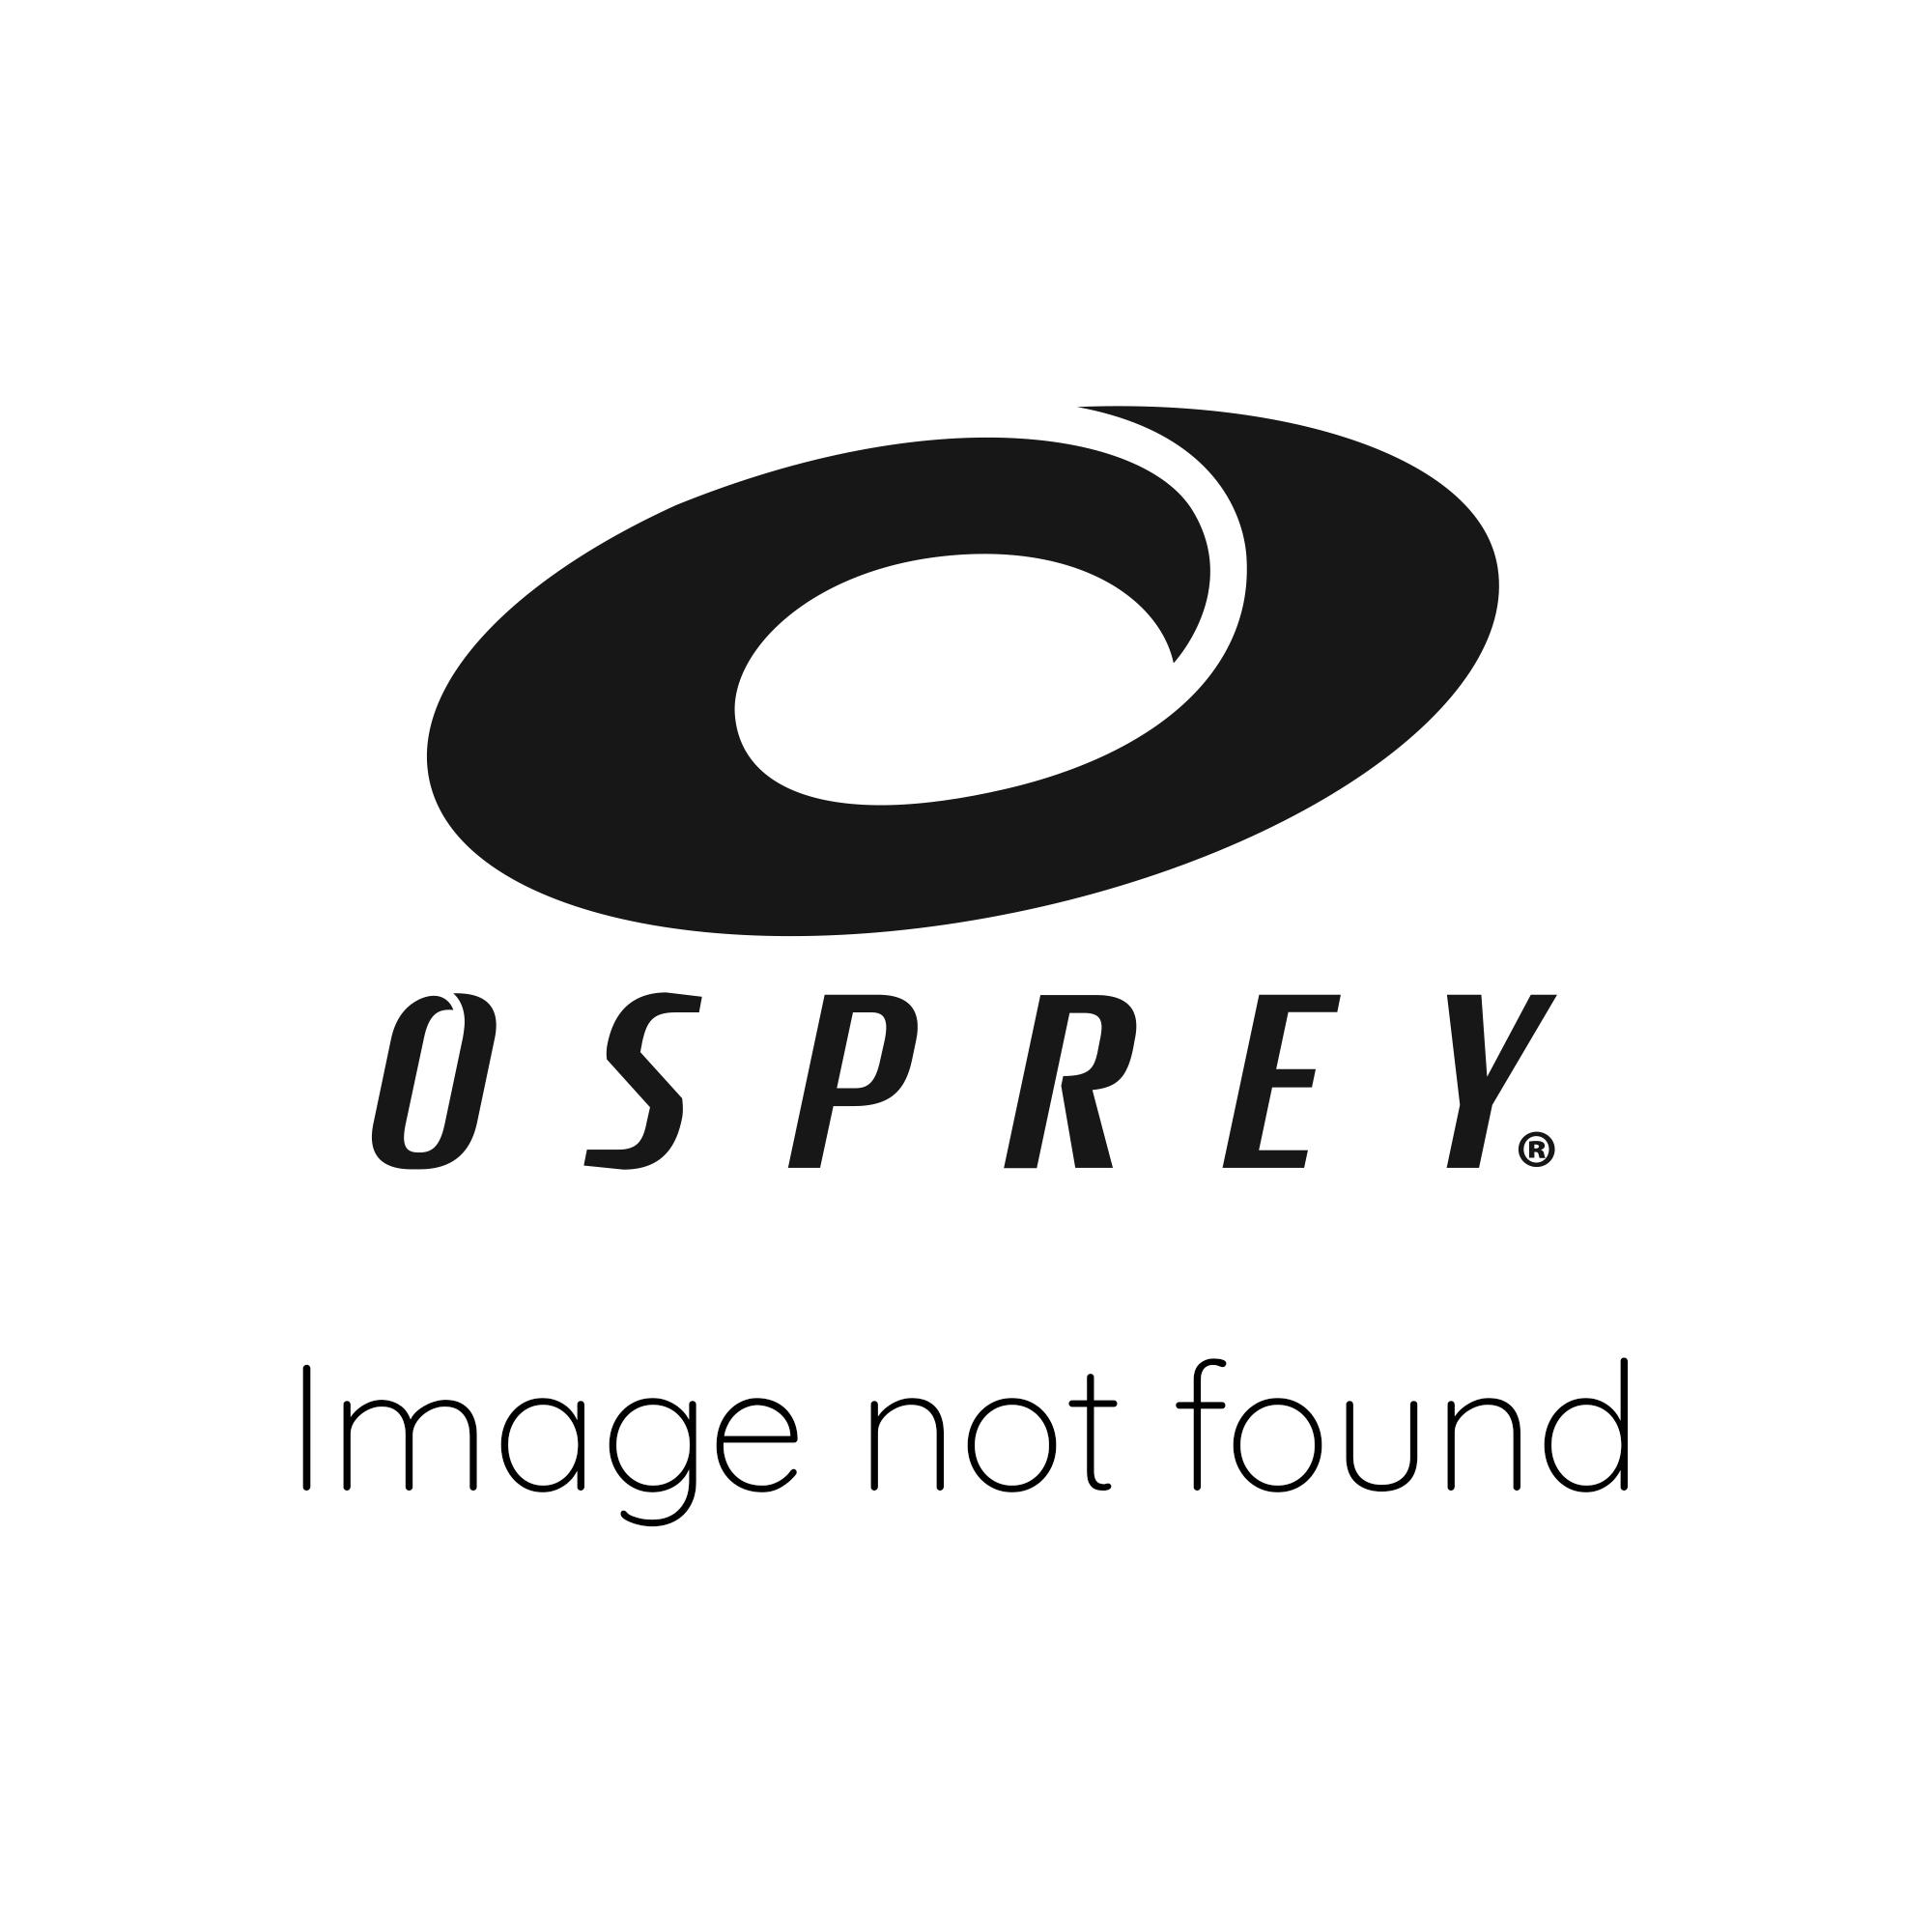 7ft 2inch Beginner Foam Surfboard - Learn To Surf